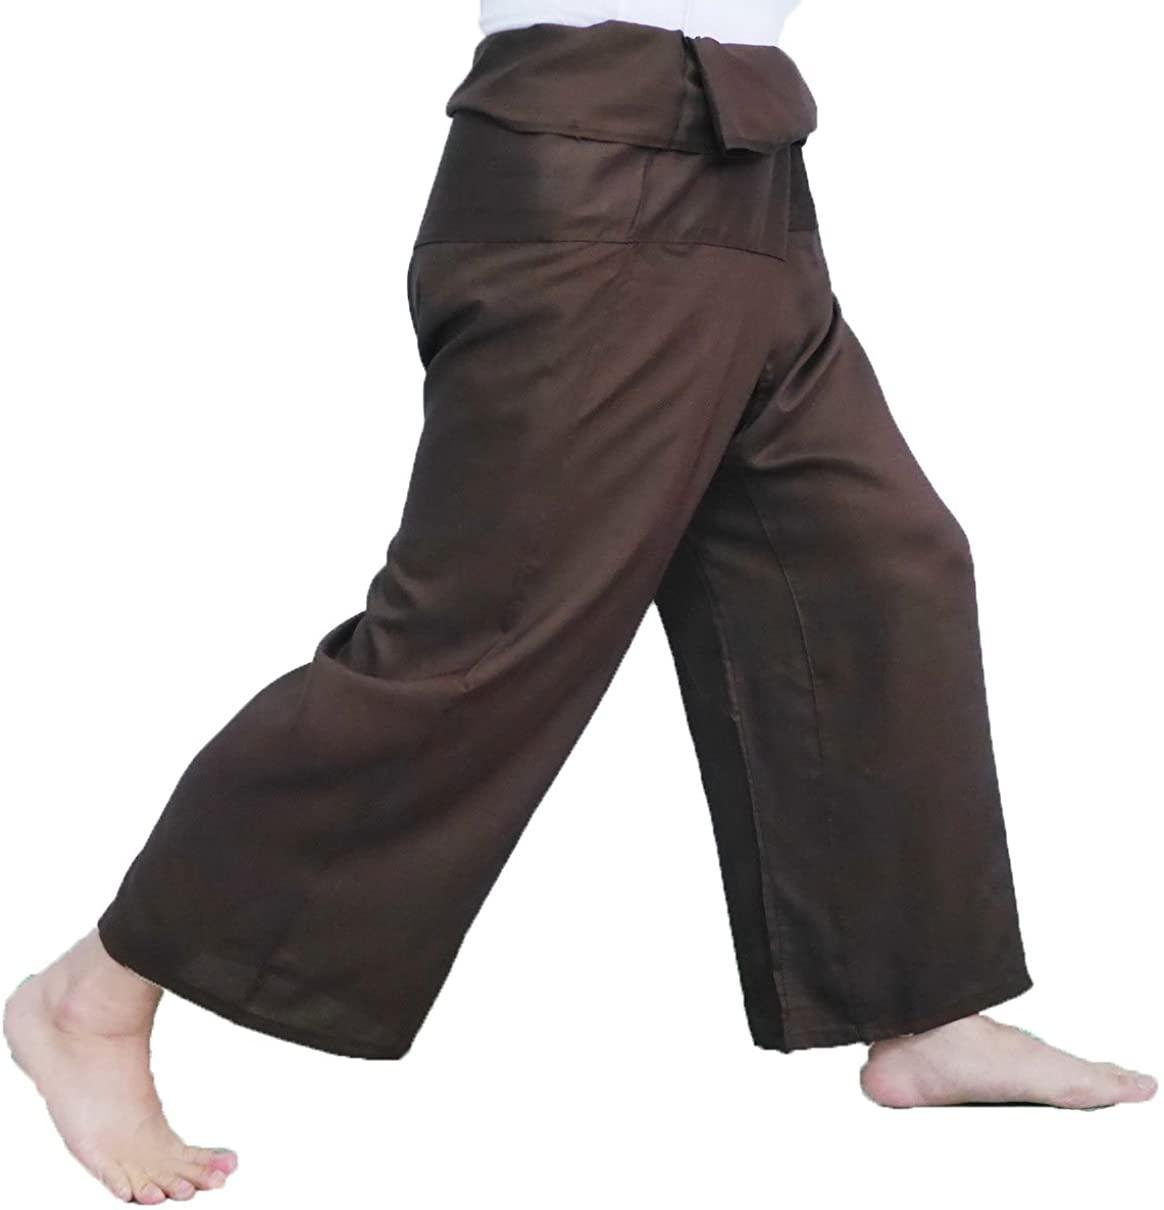 Brown Rayon - Men Women Thai Fisherman Pants Yoga  Trousers by Thai Spicy Free Size